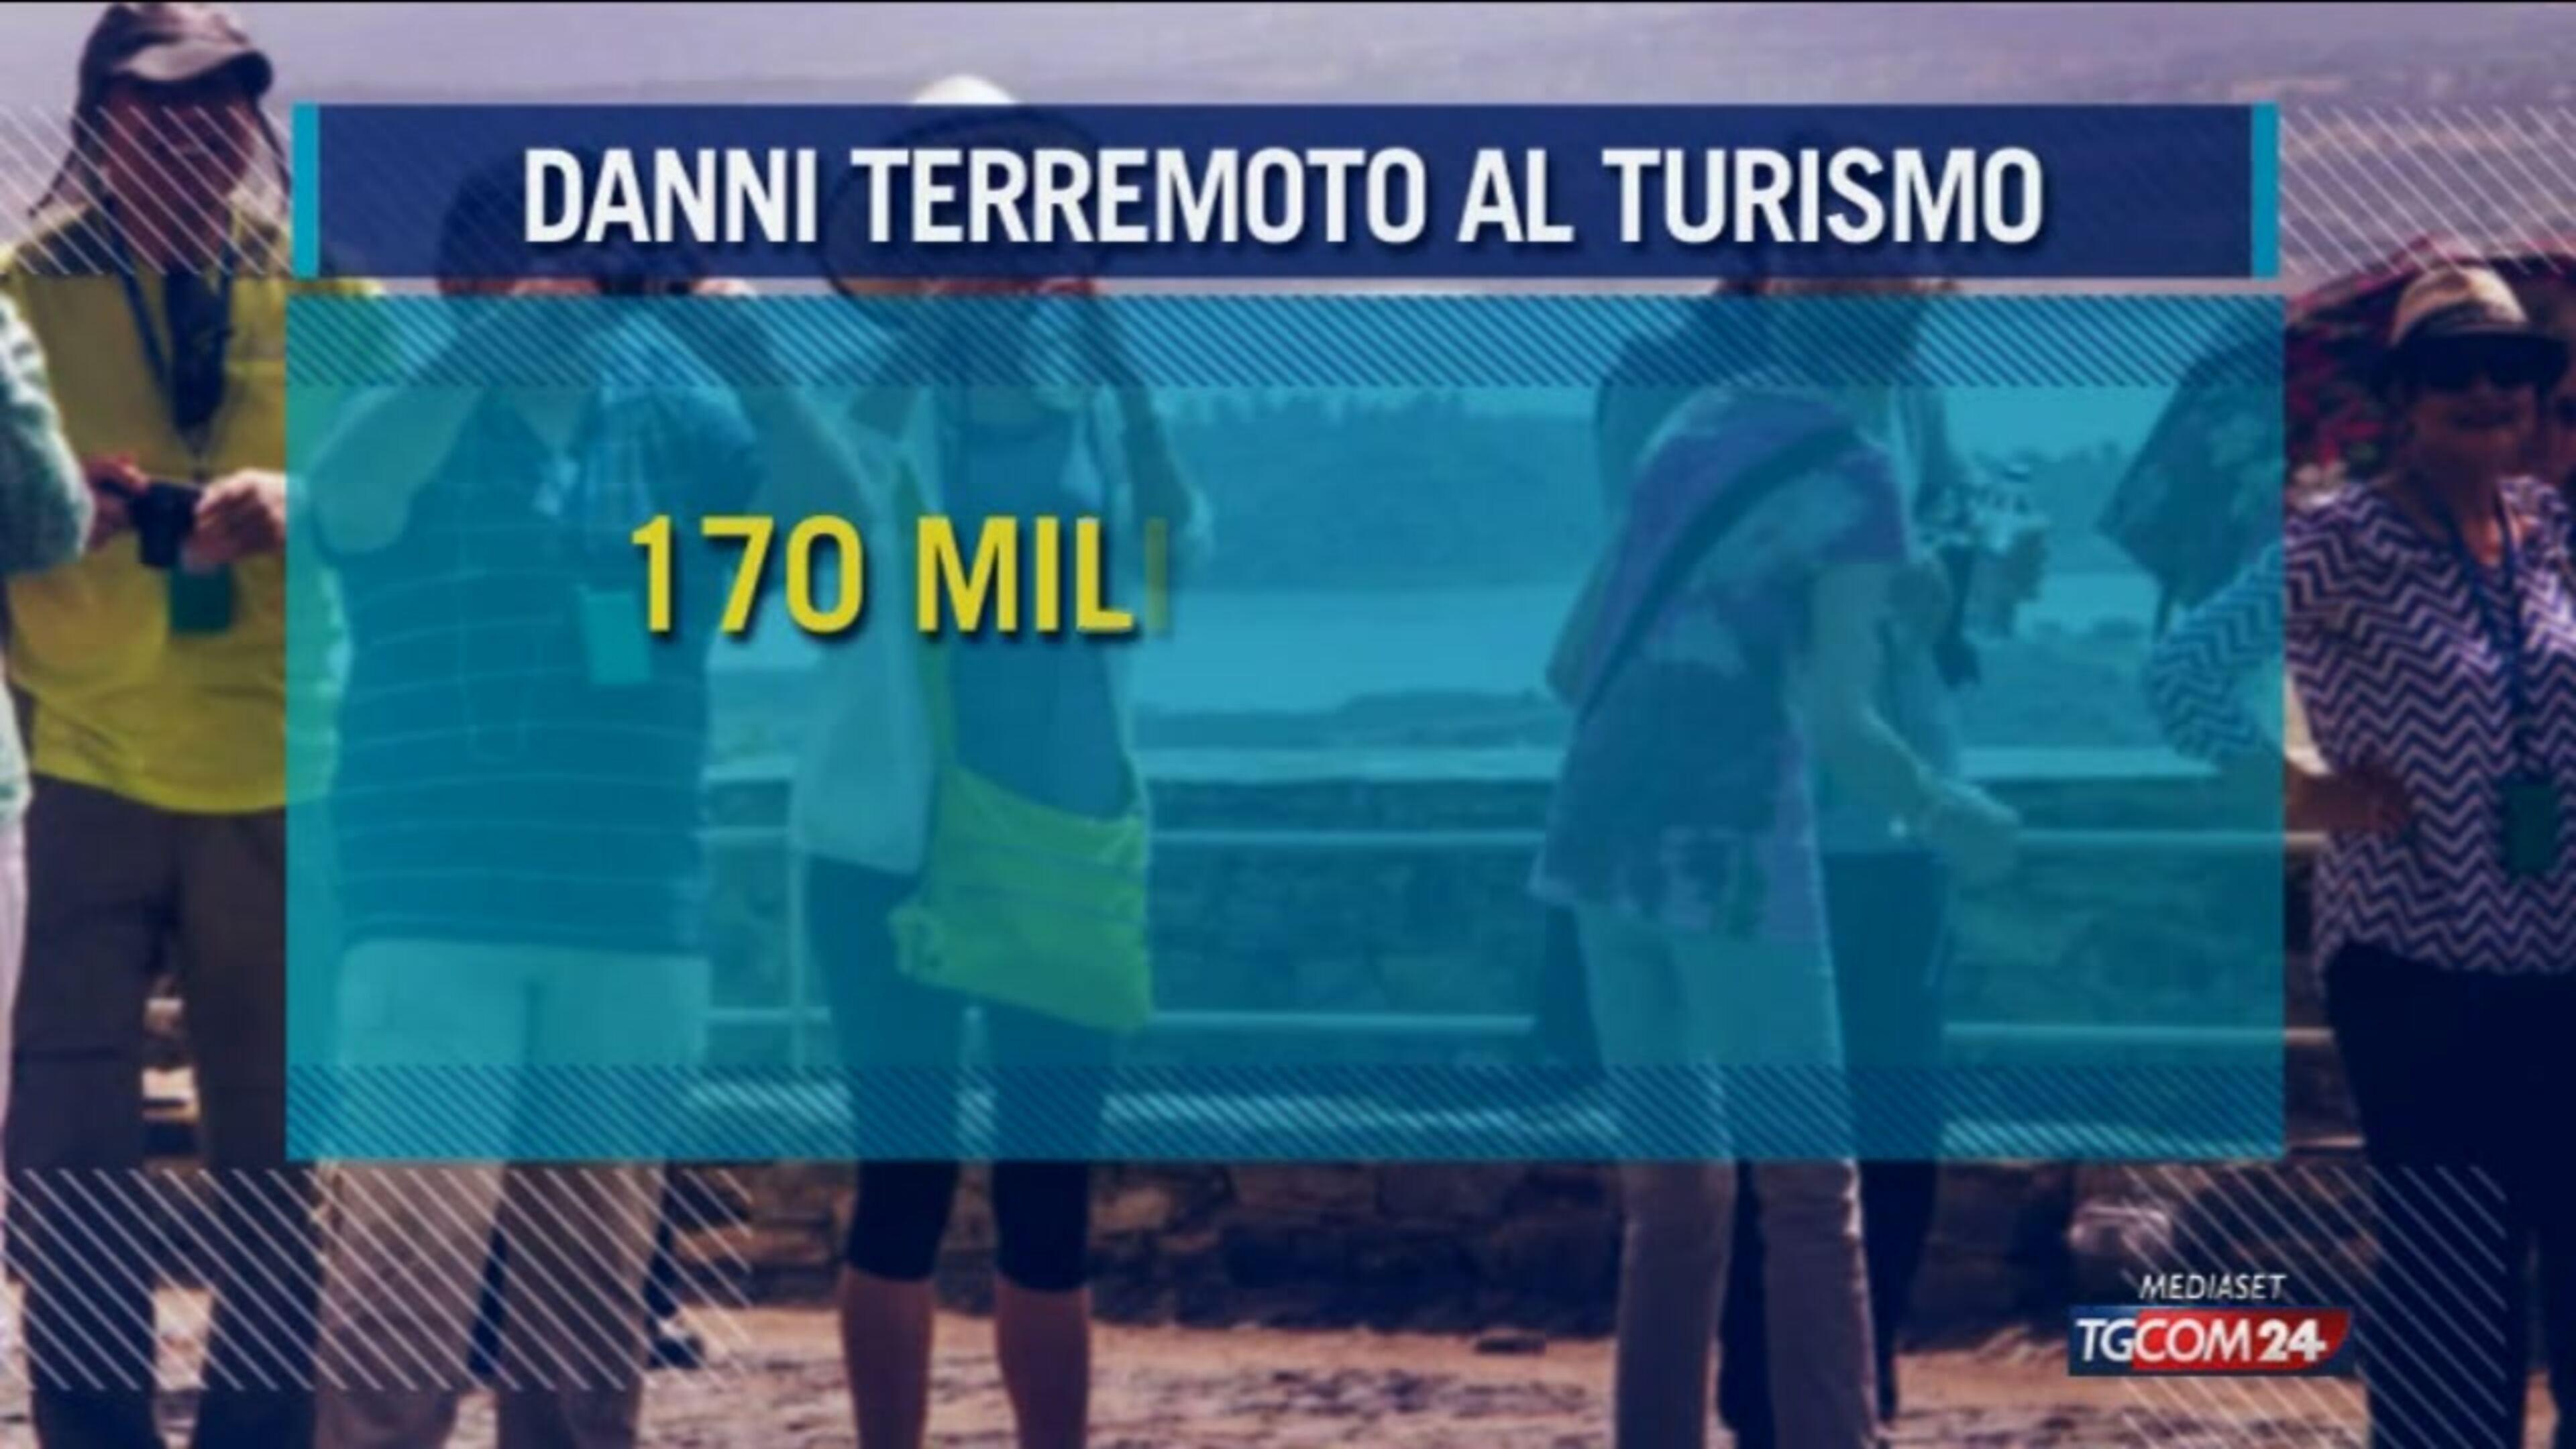 Sisma Centro Italia, Camera commercio: danni a turismo per 170 mln